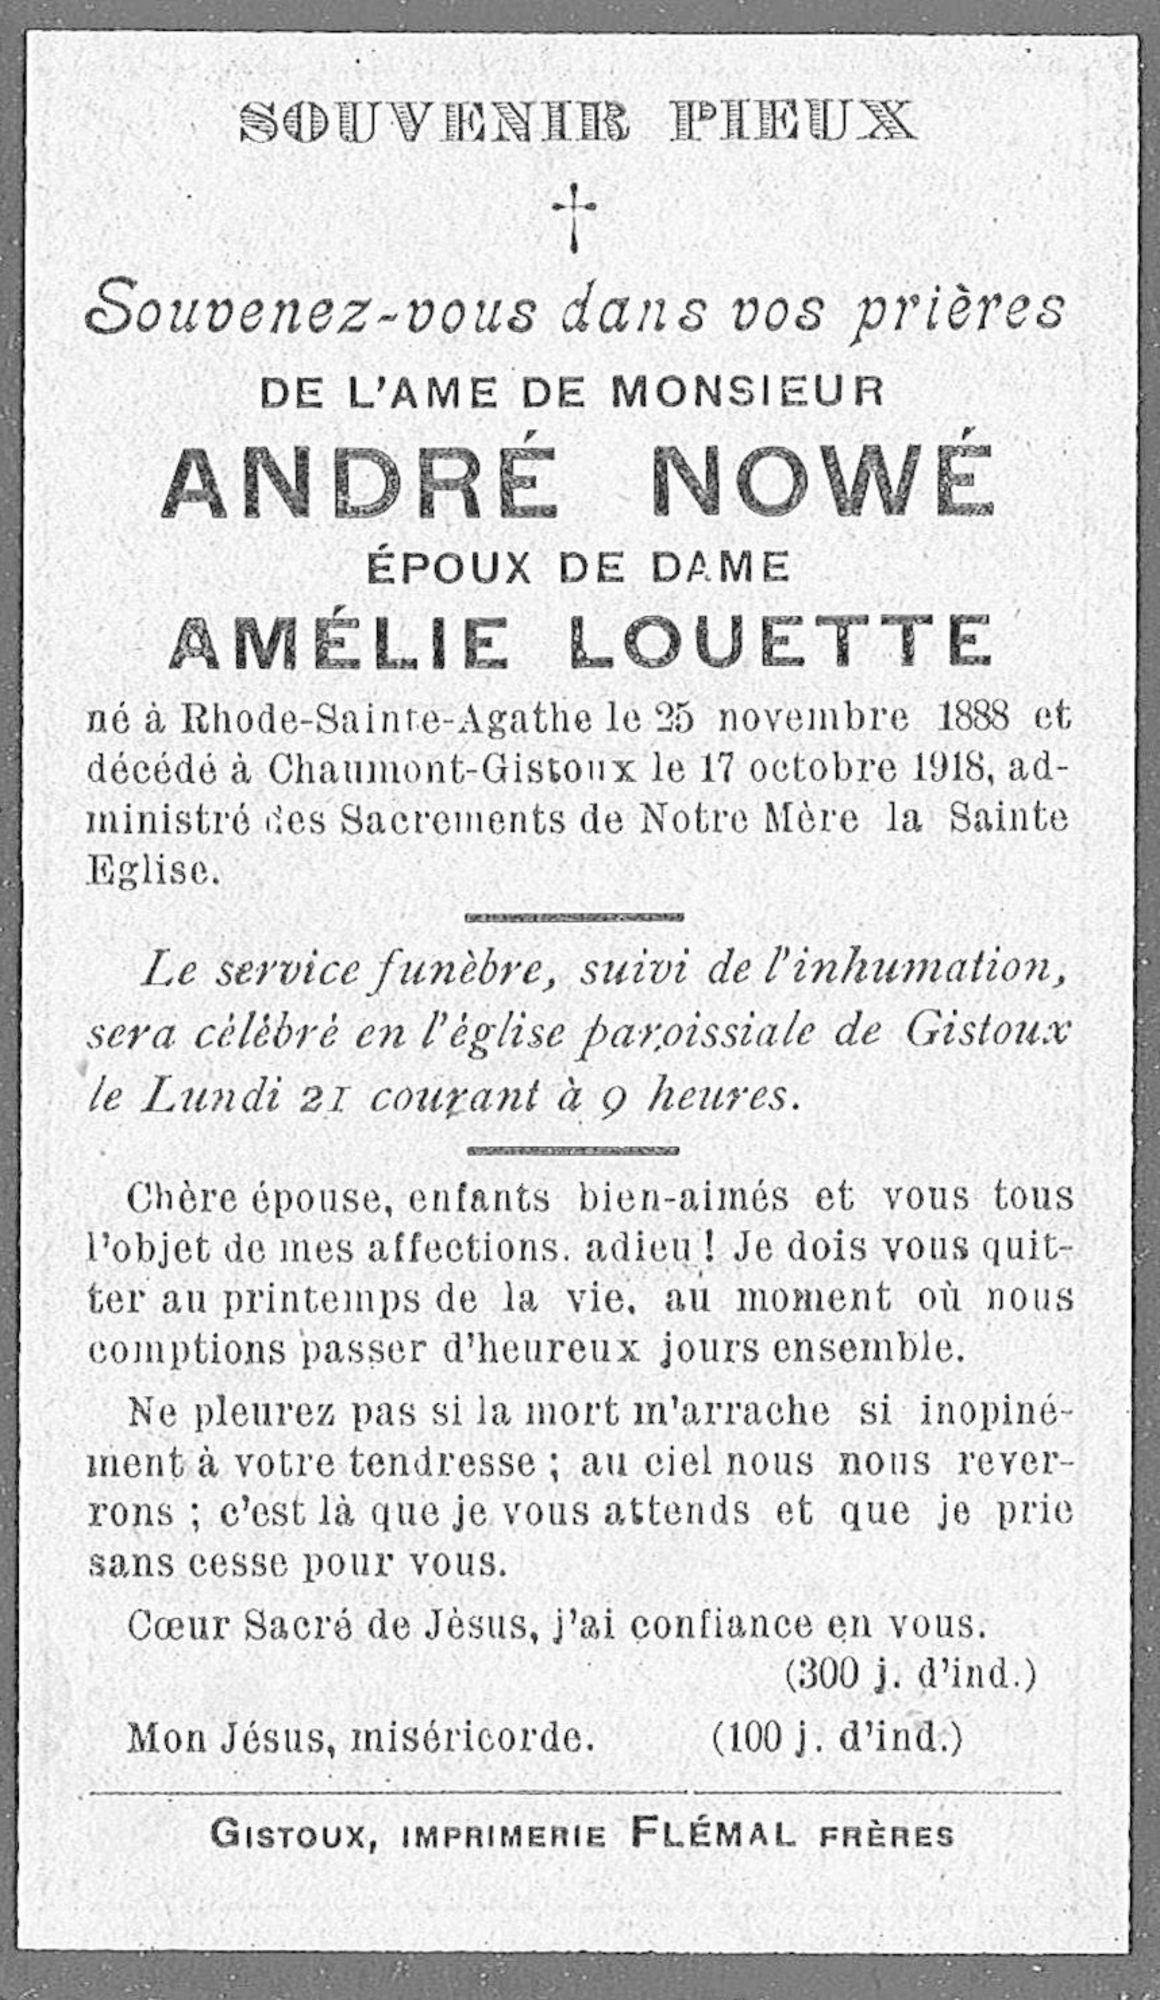 Andre Nowé